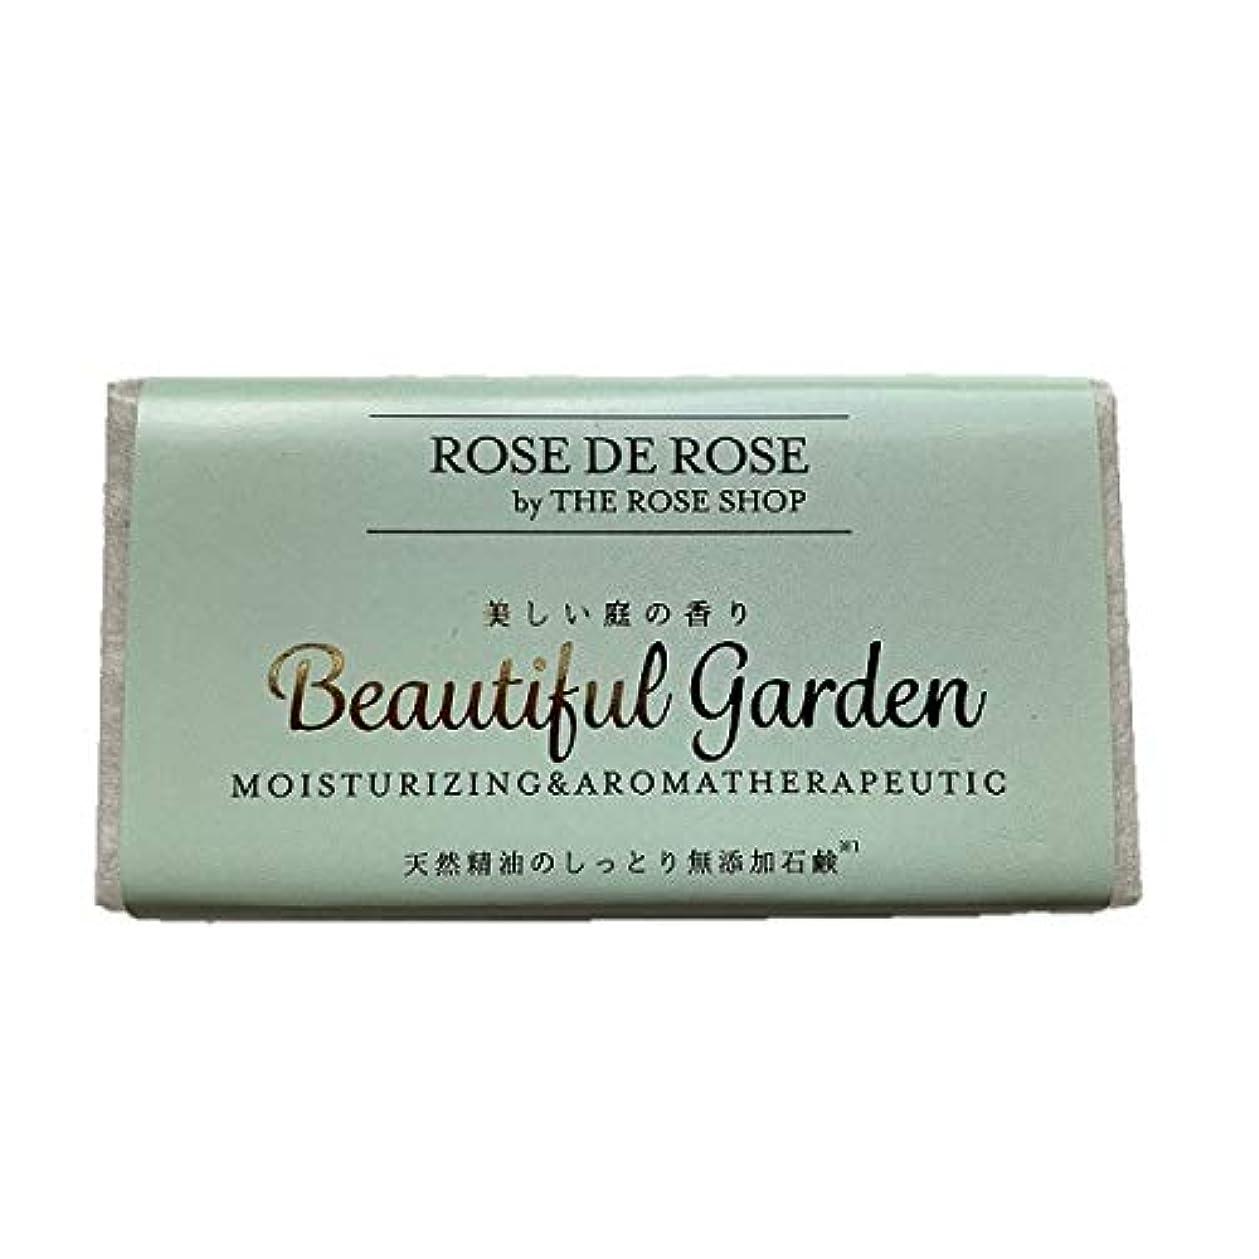 悩む序文ライド天然精油の無添加石鹸 「美しい庭の香り ビューティフルガーデン」